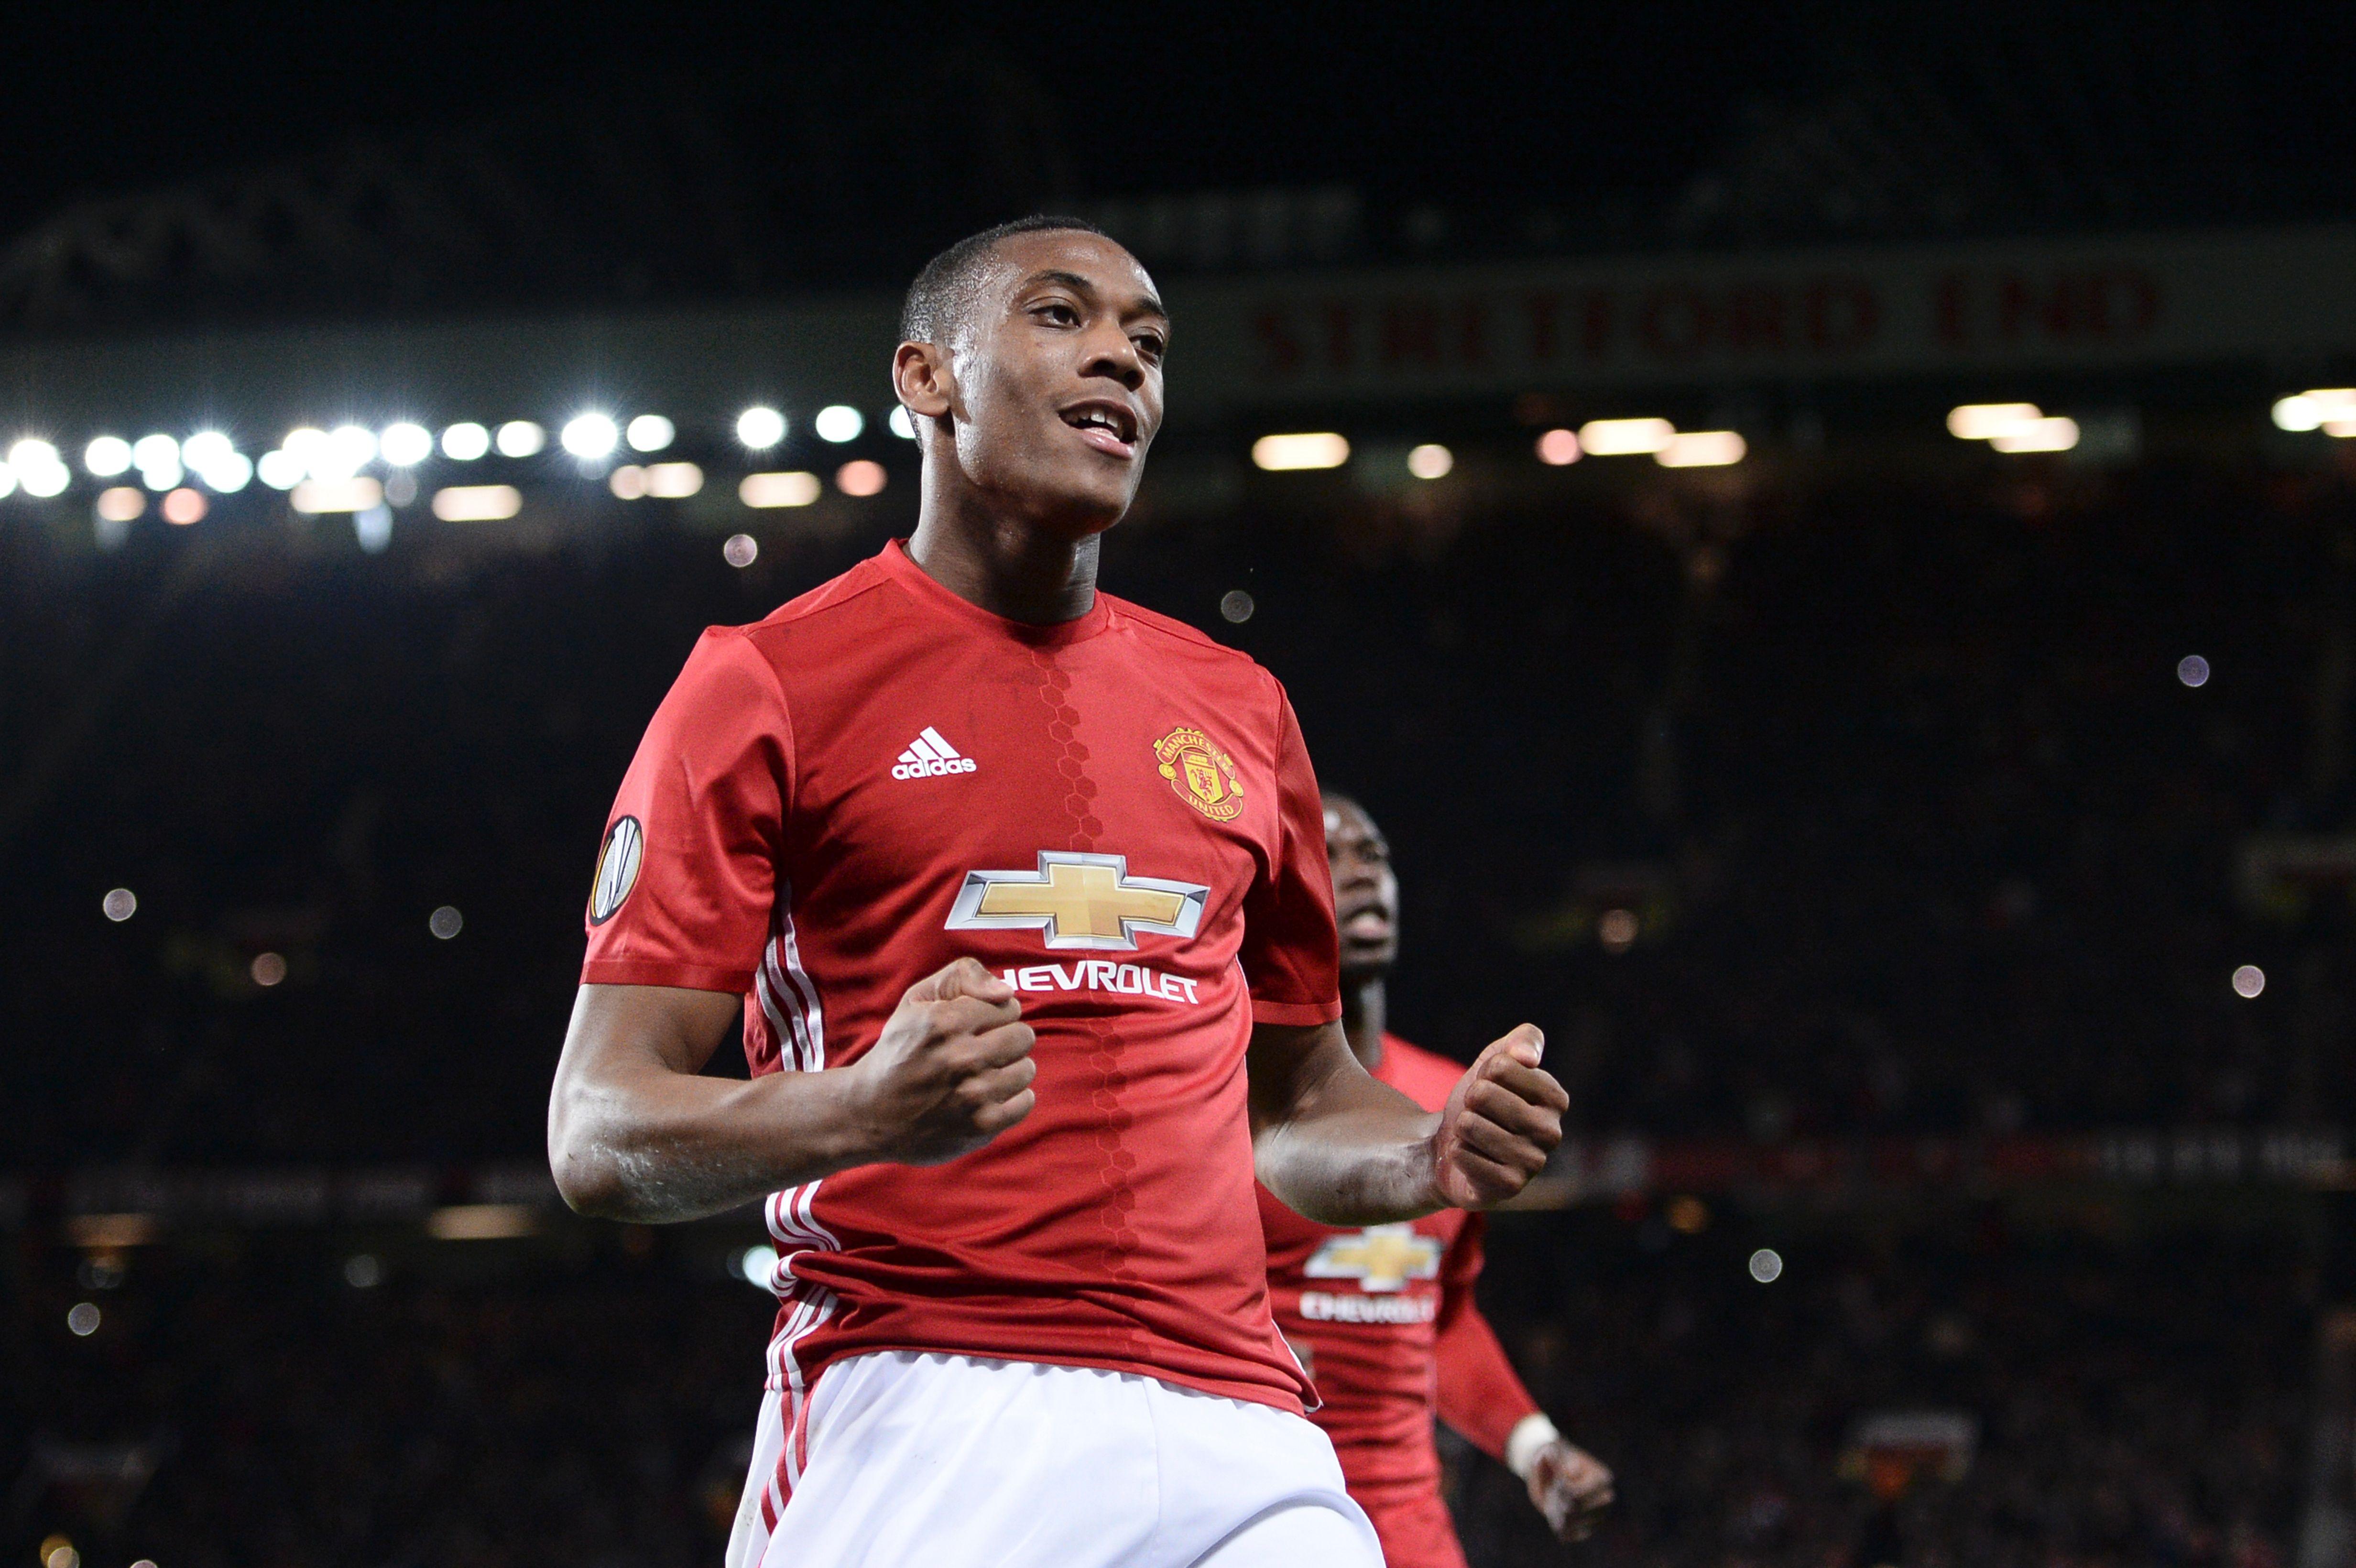 Manchester United's Anthony Martial lacking confidence under Jose Mourinho, says Glenn Hoddle